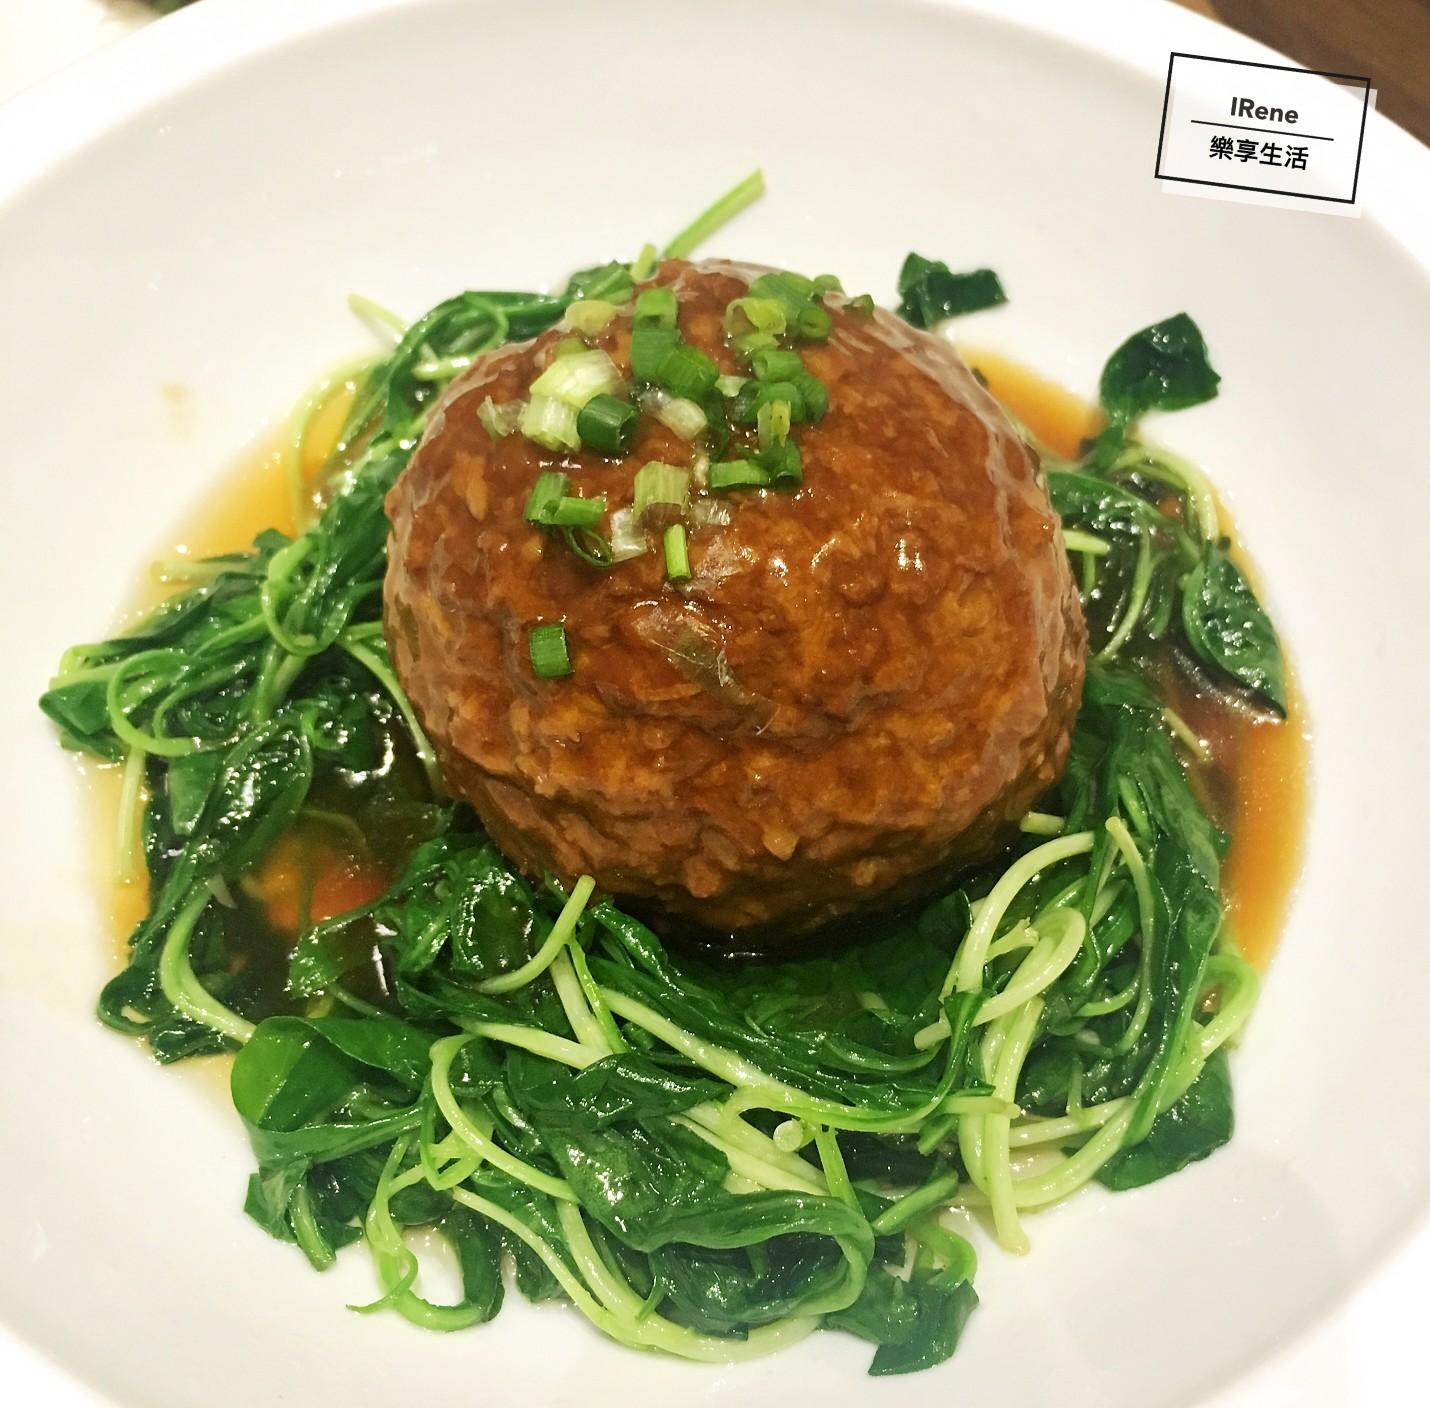 上海小南國餐廳推薦菜-紅燒獅子頭